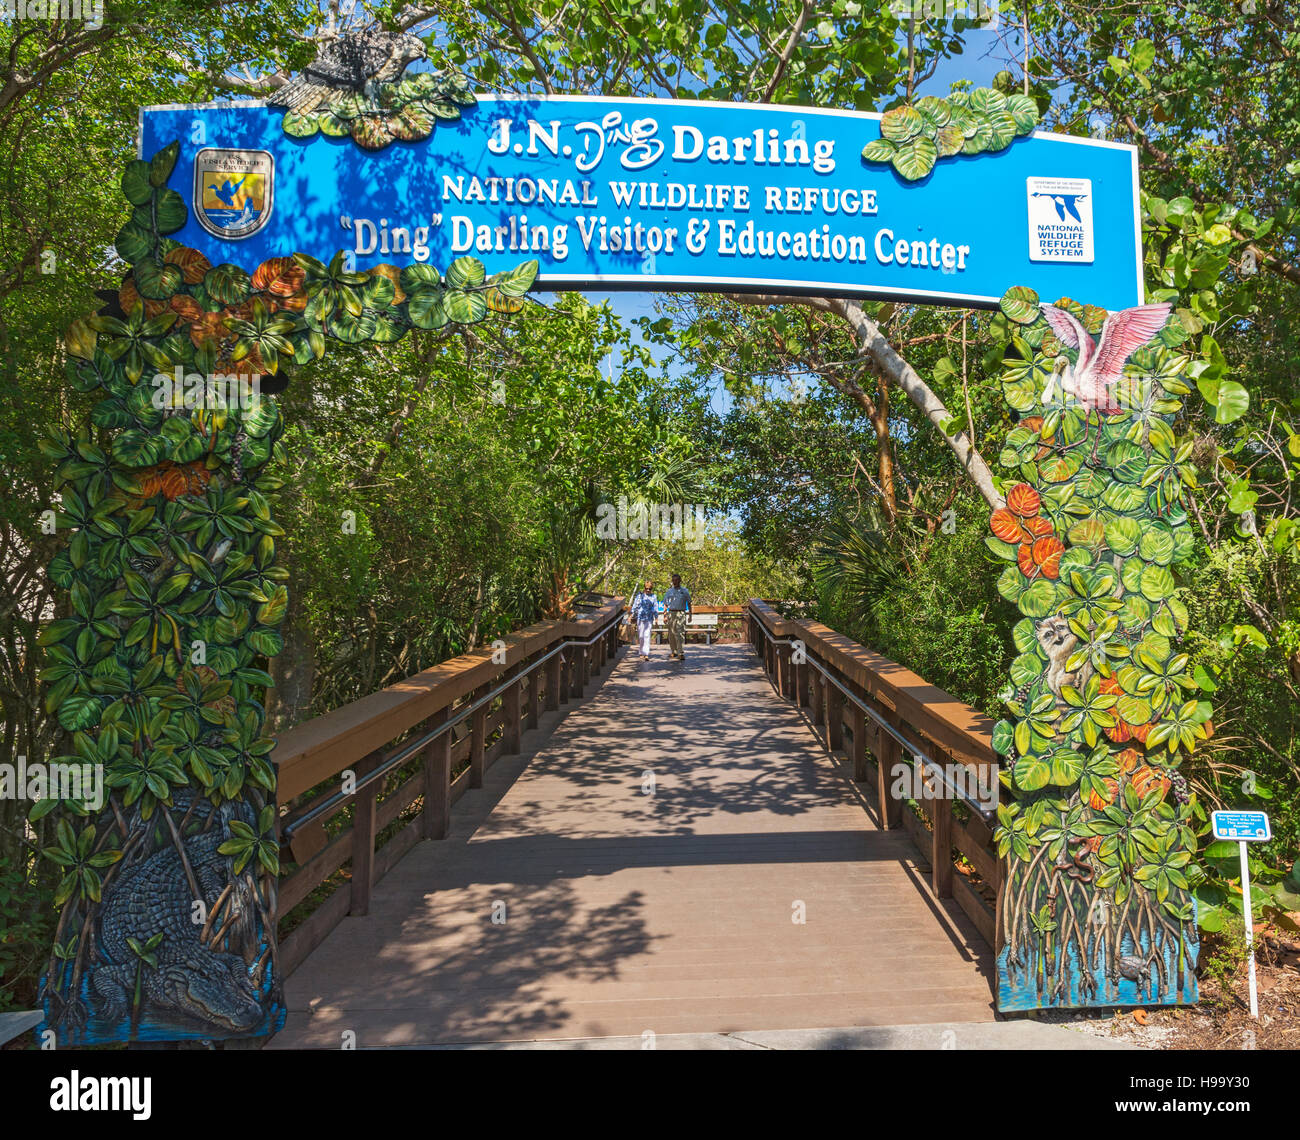 Florida, Sanibel Island, J.N. 'Ding' Darling National Wildlife Refuge, Visitor & Education Center - Stock Image